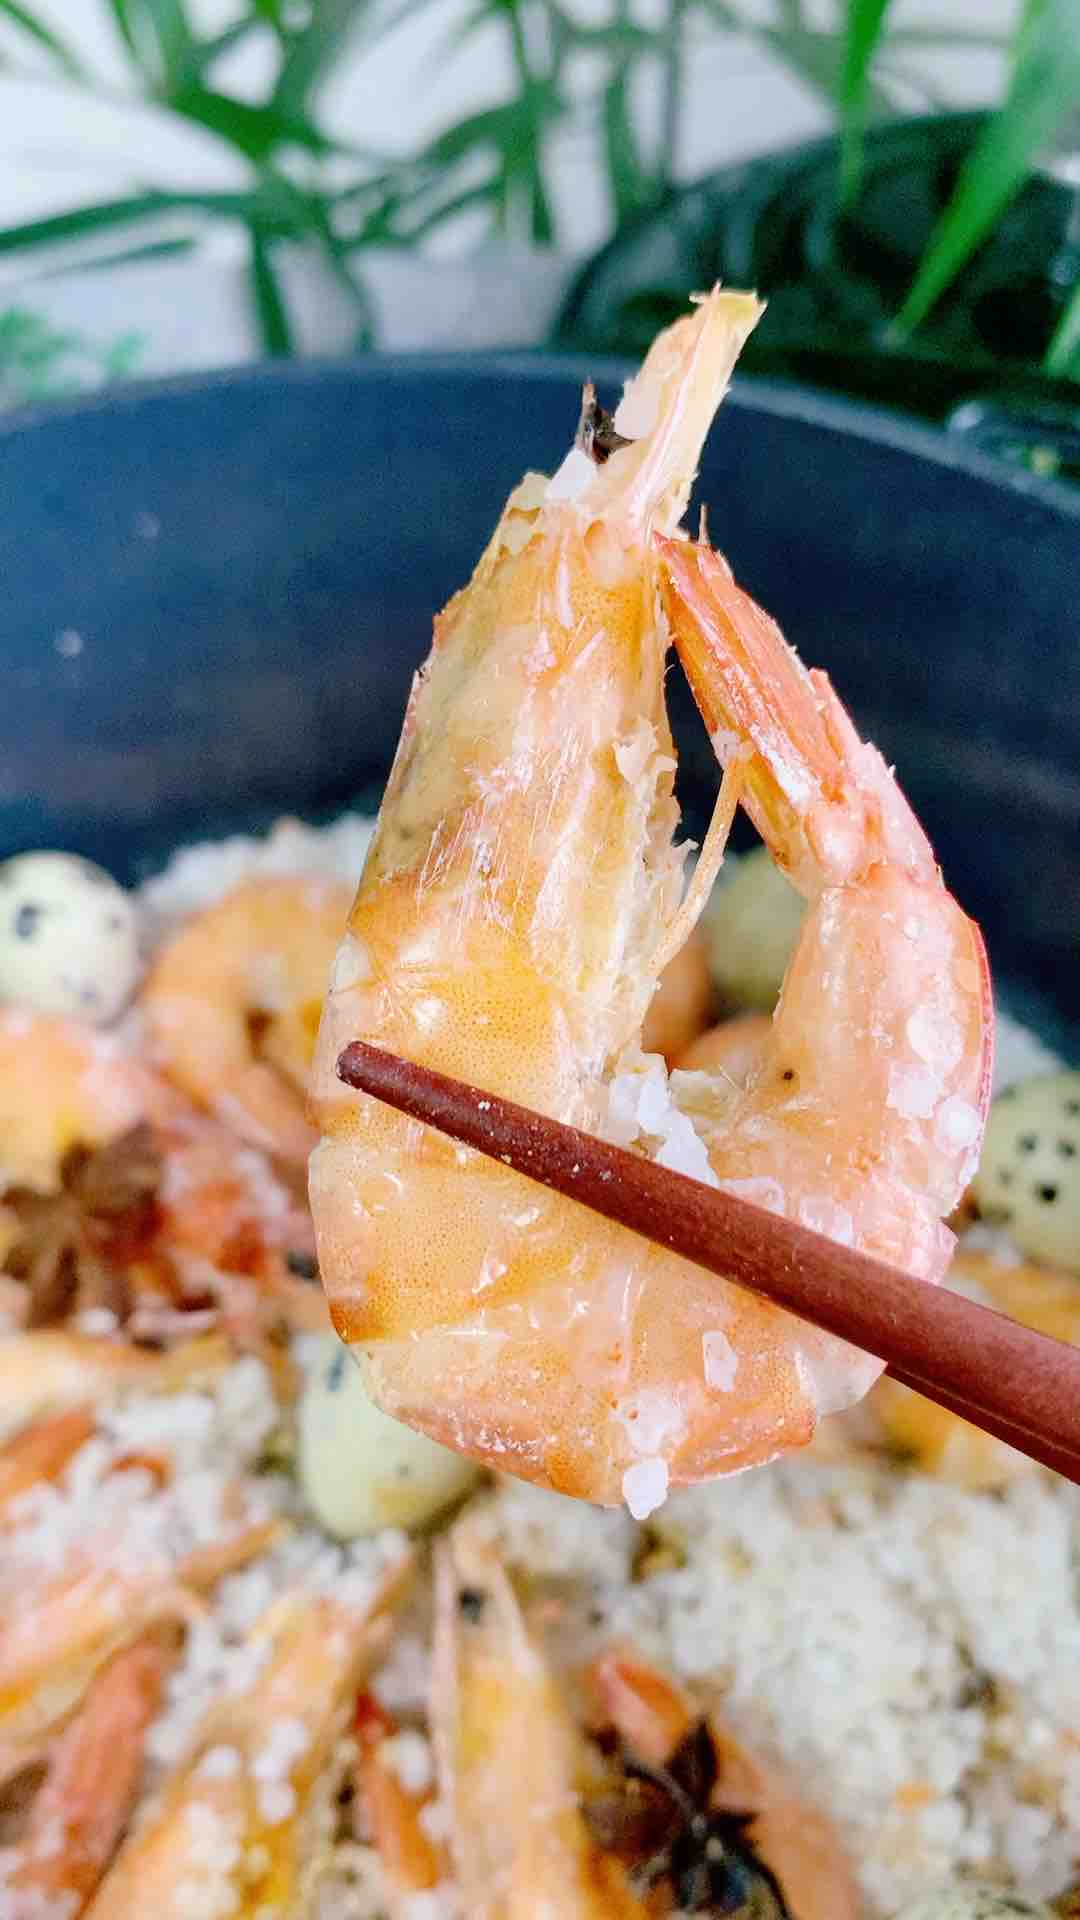 只用一包盐,做一锅盐焗虾